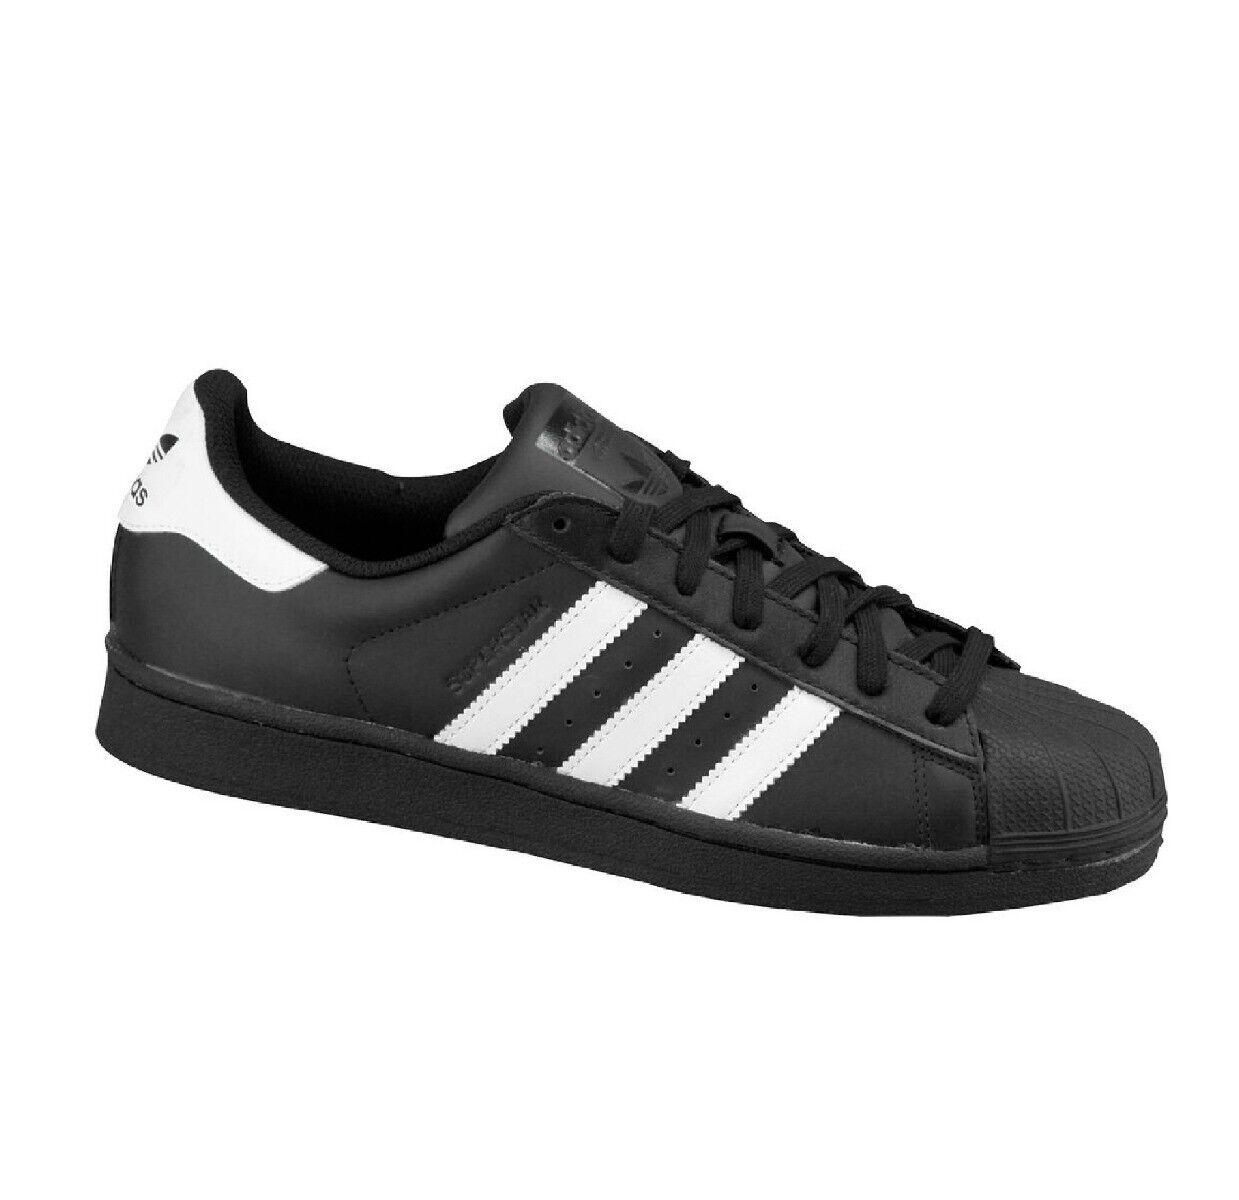 Adidas Superstar Hombre Negro blancoo Zapatilla Zapato nuevo PVP  -